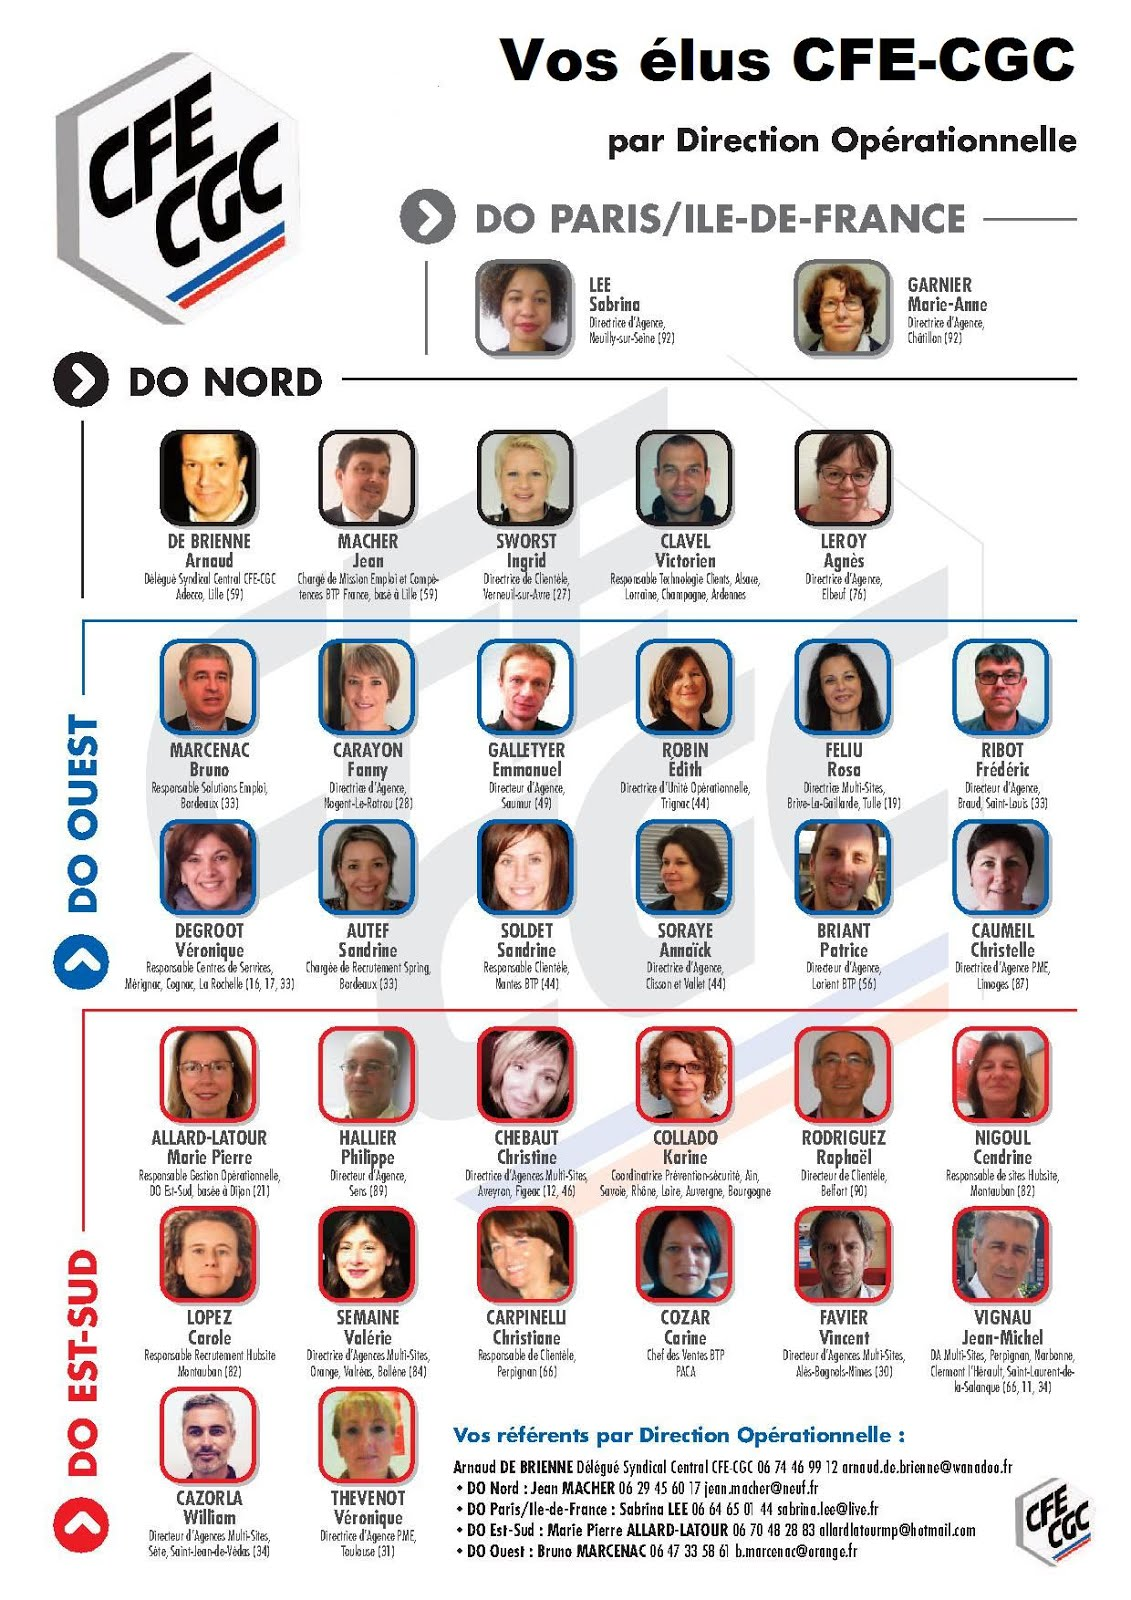 Vos élus CFE-CGC Adecco des 4 Comités d'établissement